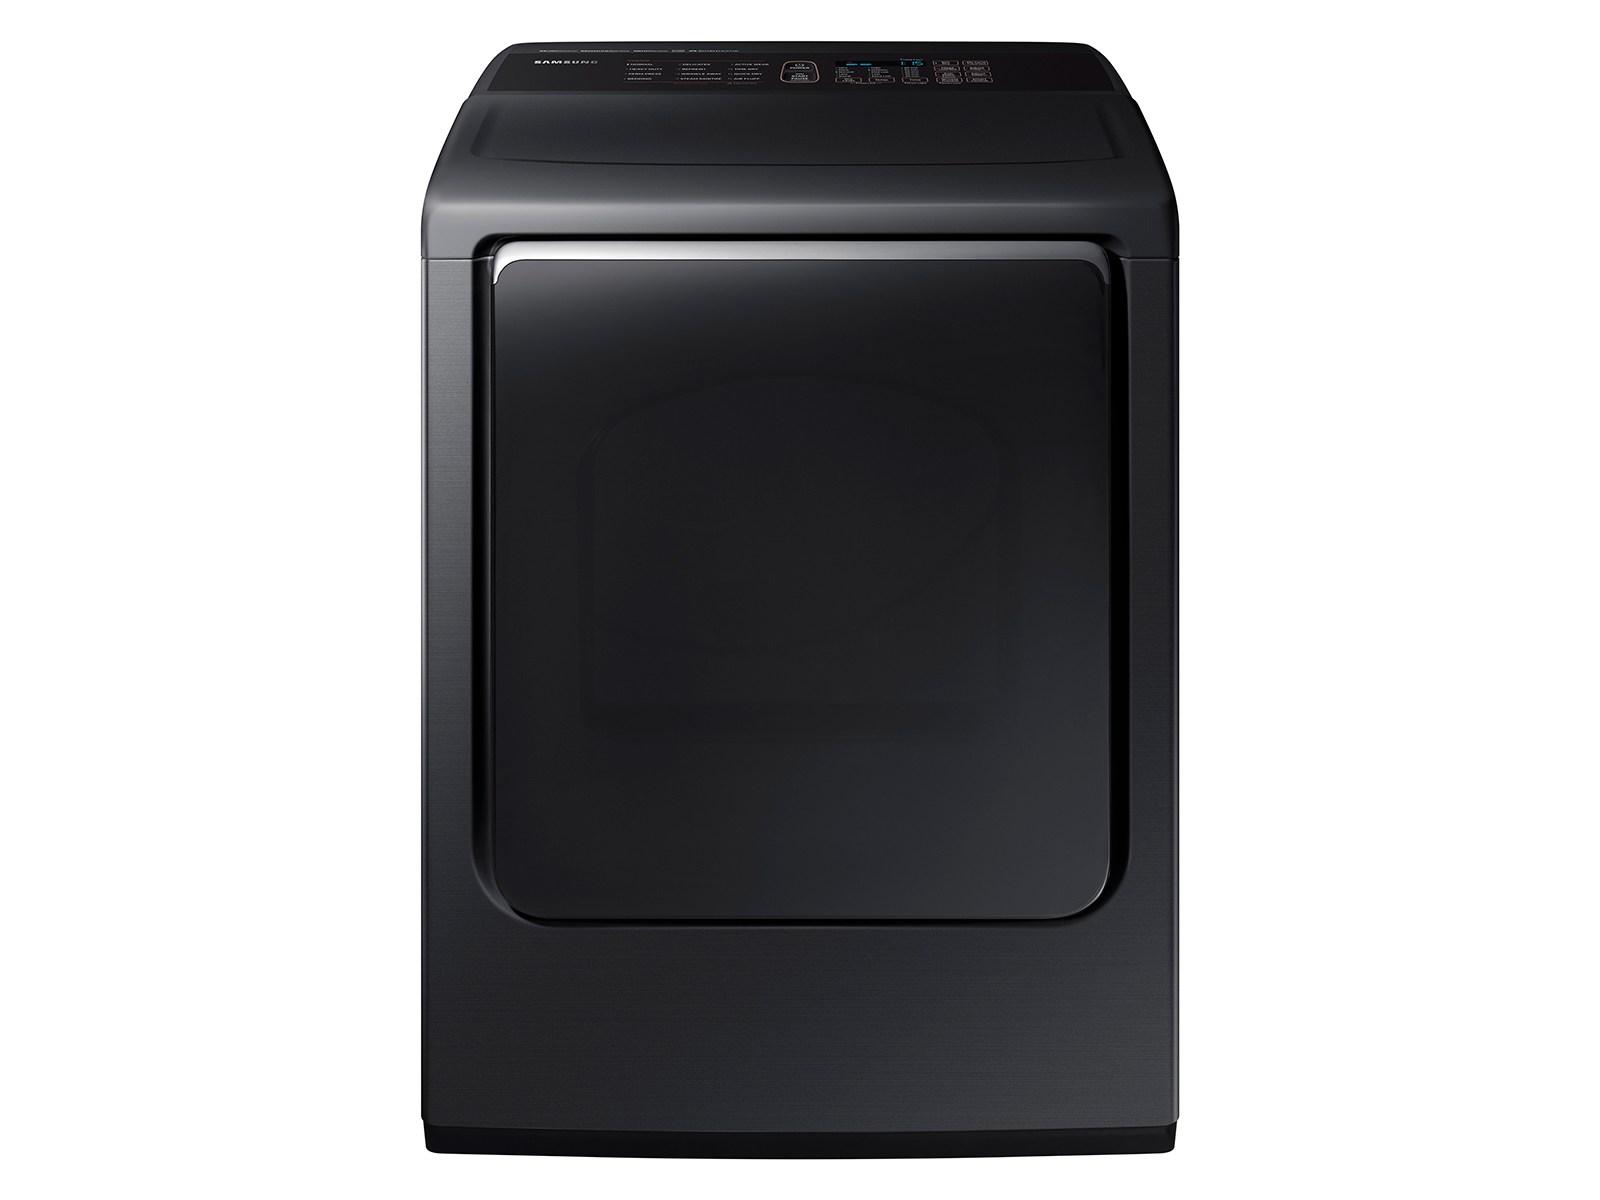 Fingerprint Resistant Black Stainless Steel